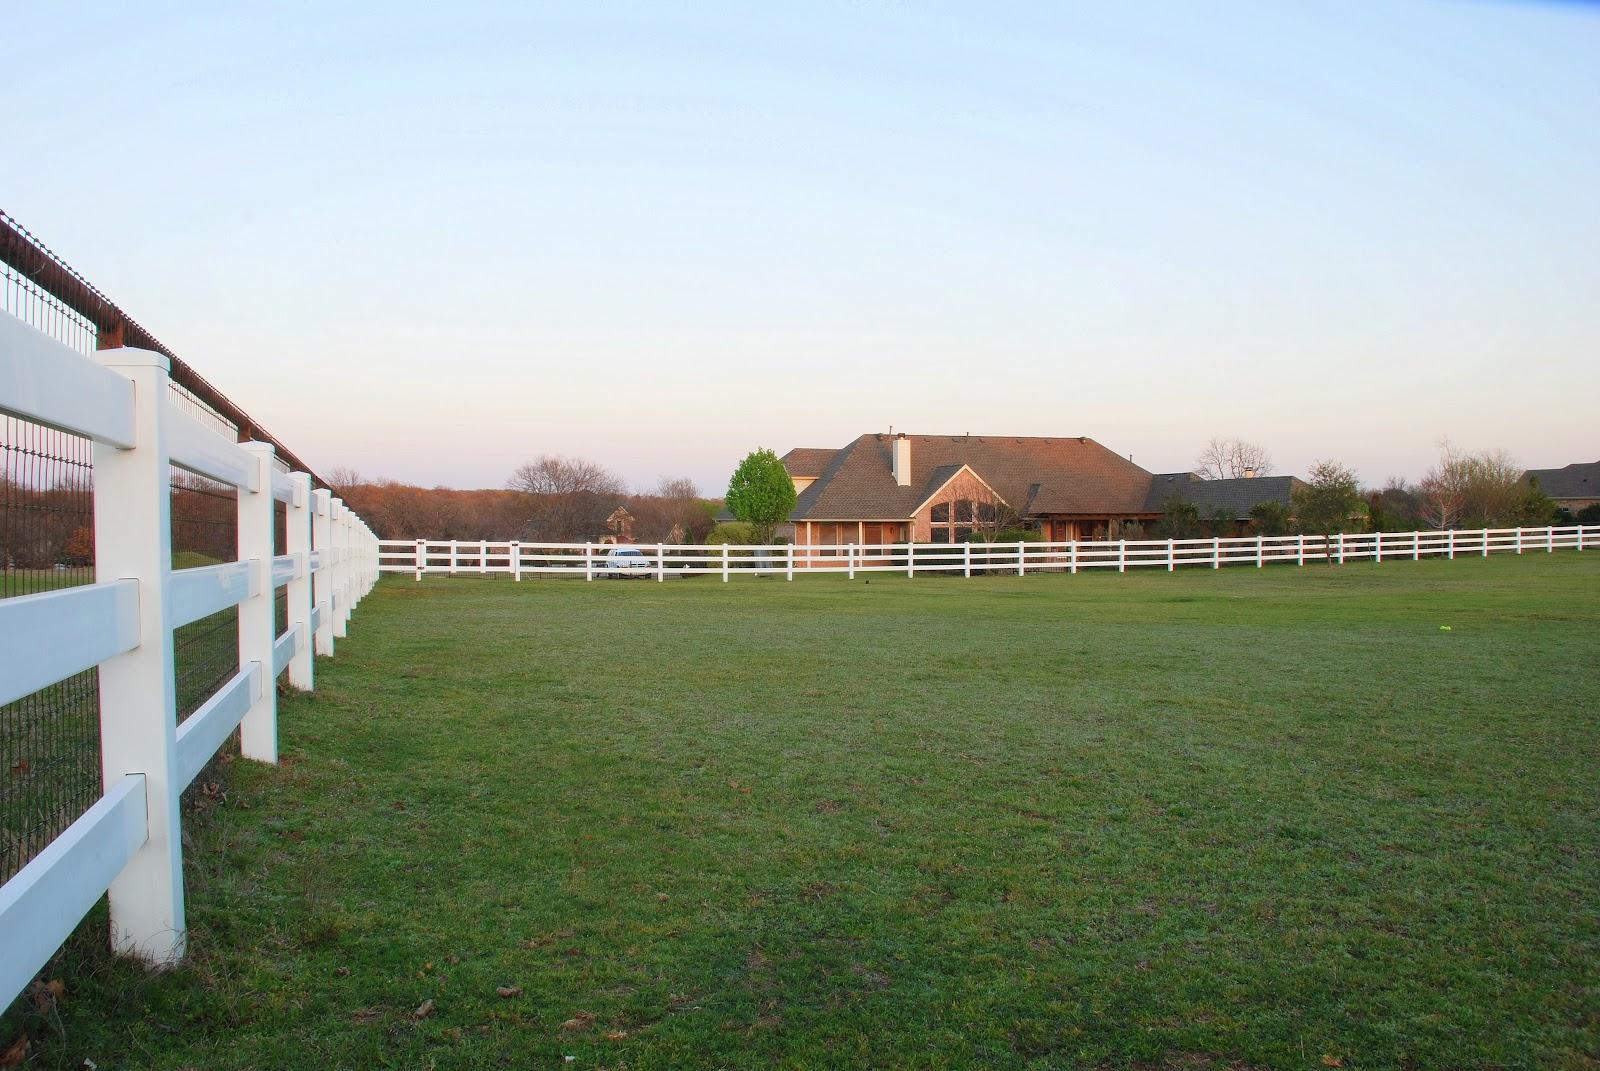 Horse Property For Sale In Flower Mound Tx Joni Koch